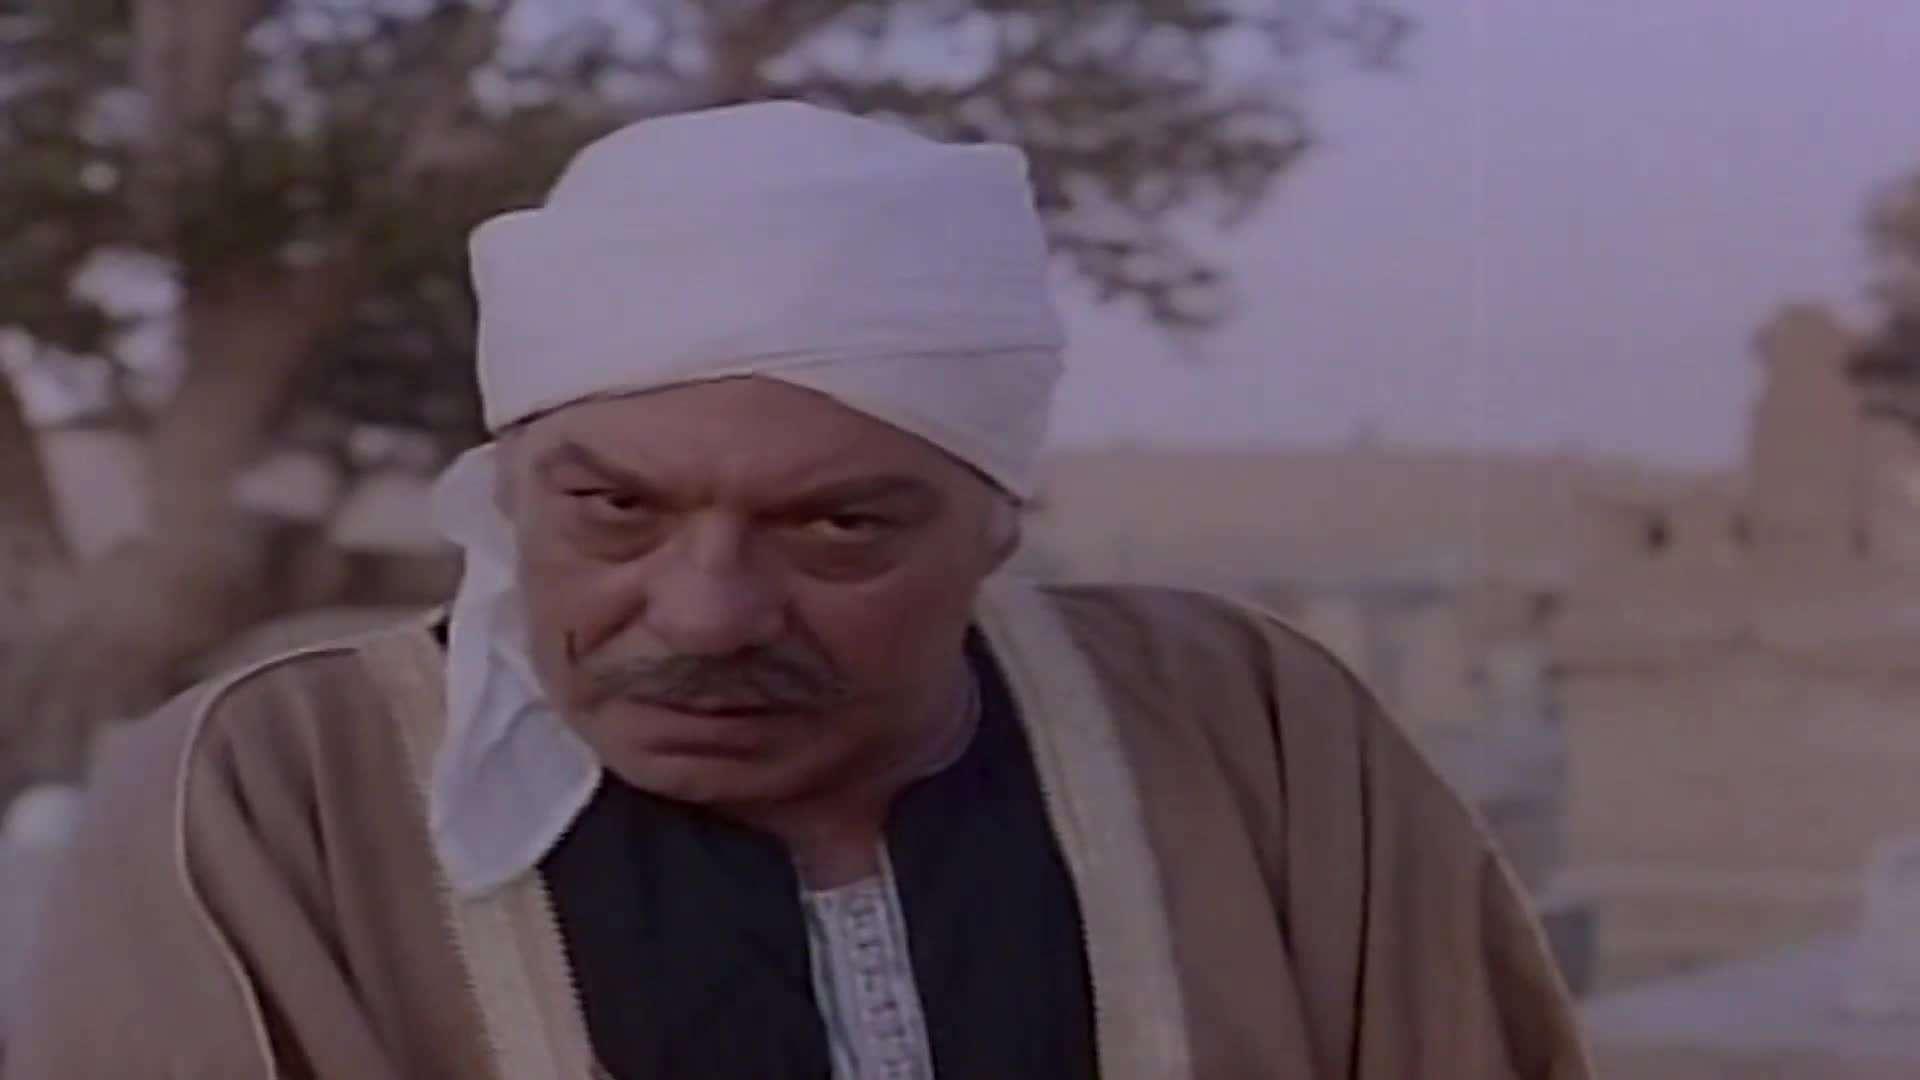 [فيلم][تورنت][تحميل][الشيطان يعظ][1981][1080p][Web-DL] 13 arabp2p.com